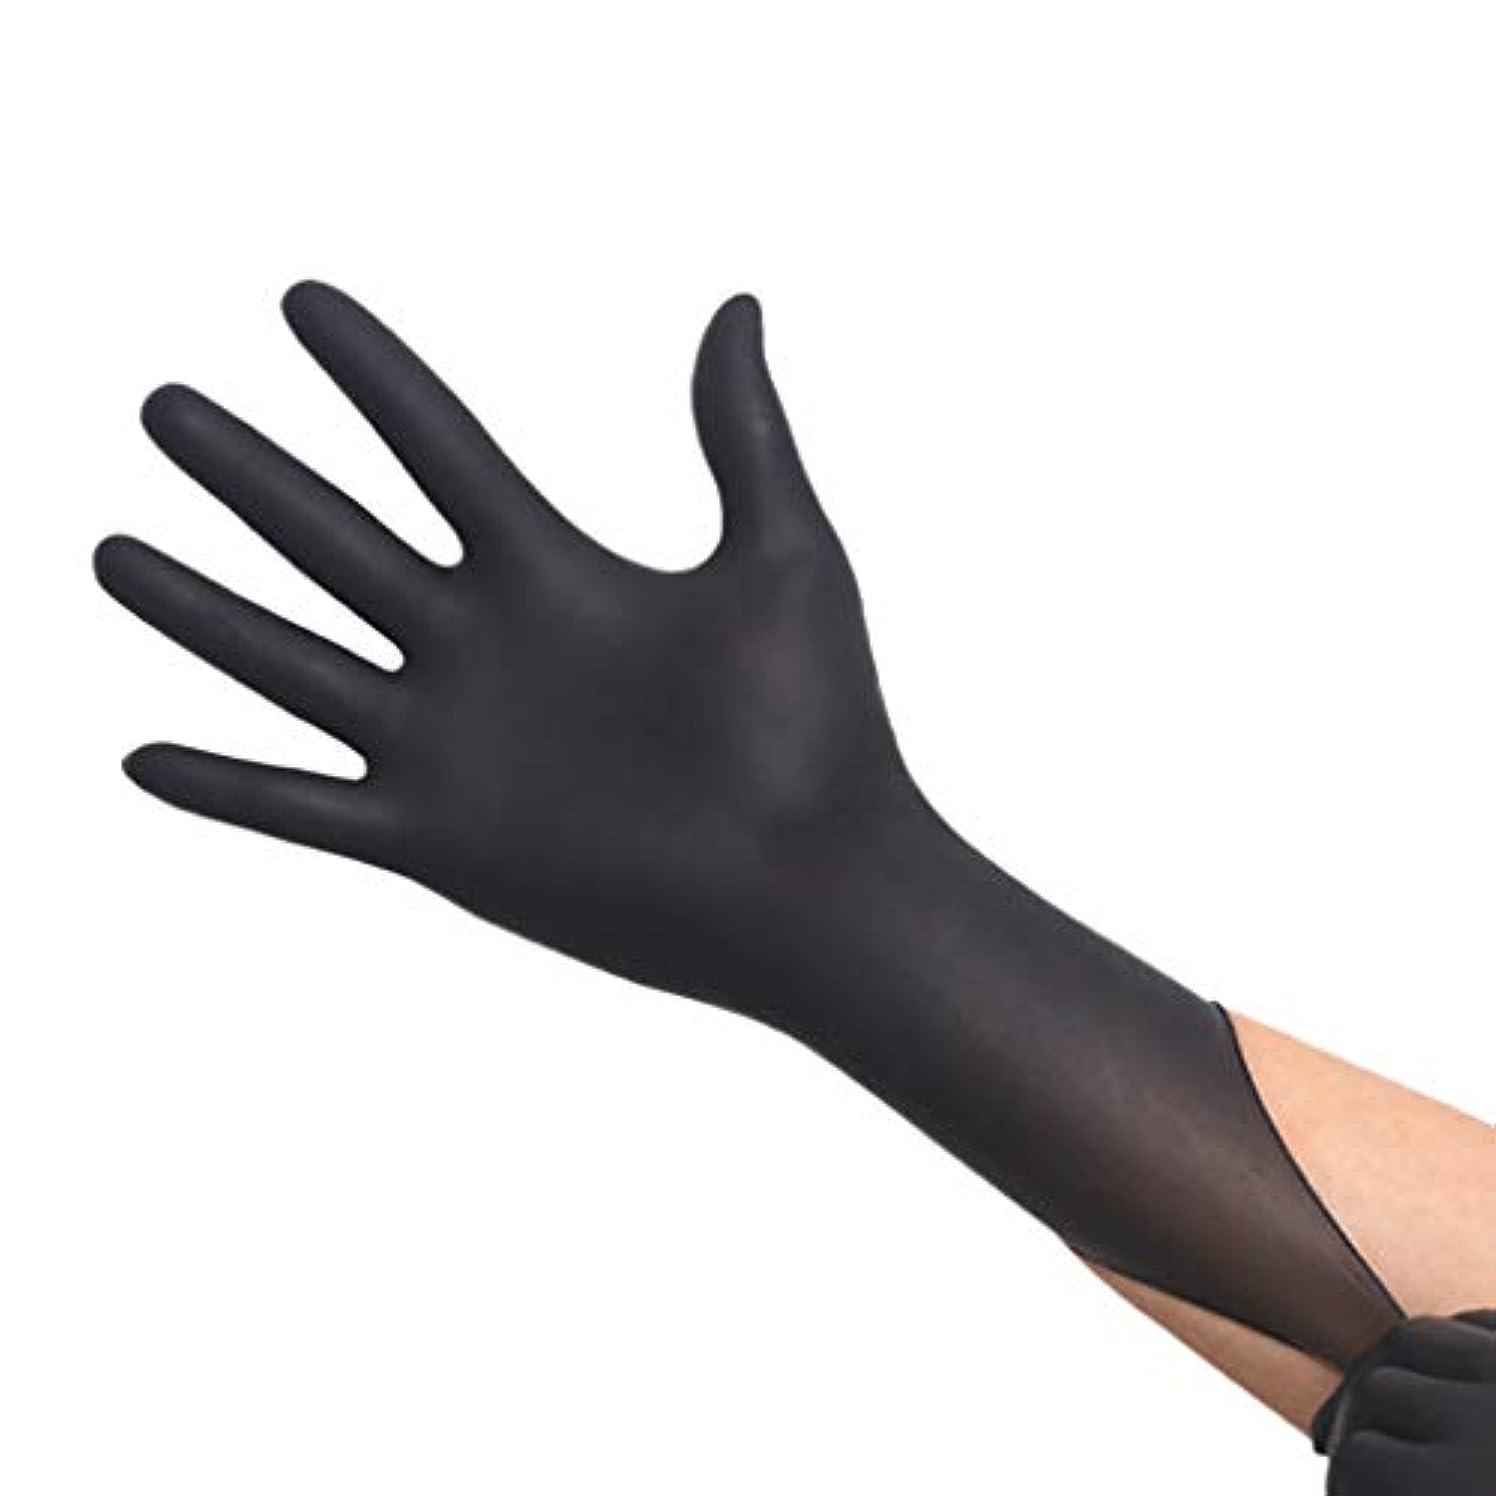 事実鮫狂気厚手の耐摩耗性使い捨てブラックニトリル手袋 - 耐酸性美容サロン手袋、50ペア/箱 YANW (色 : ブラック, サイズ さいず : M m)